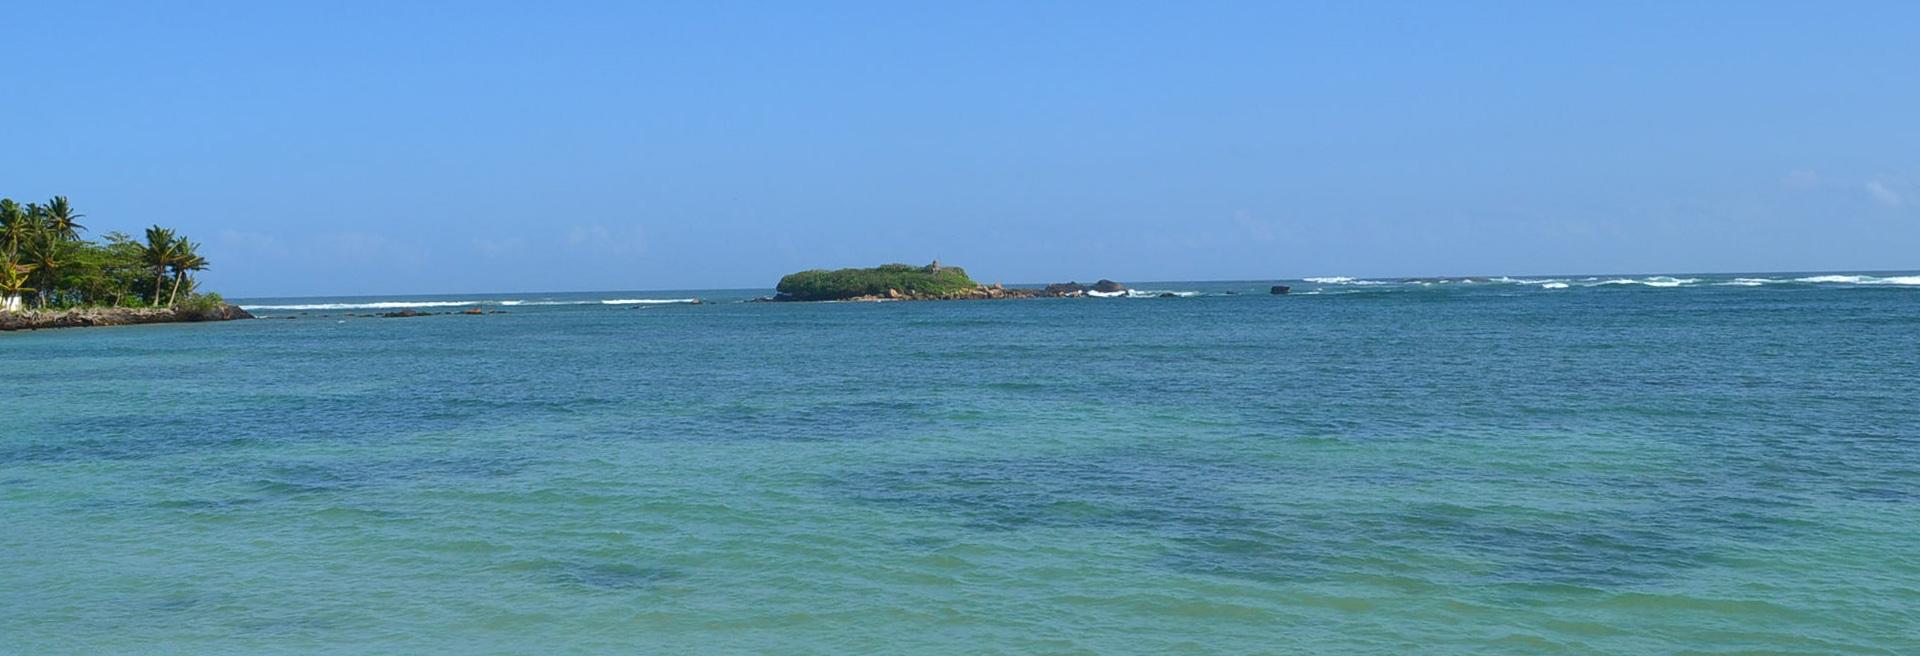 clear blue ocean